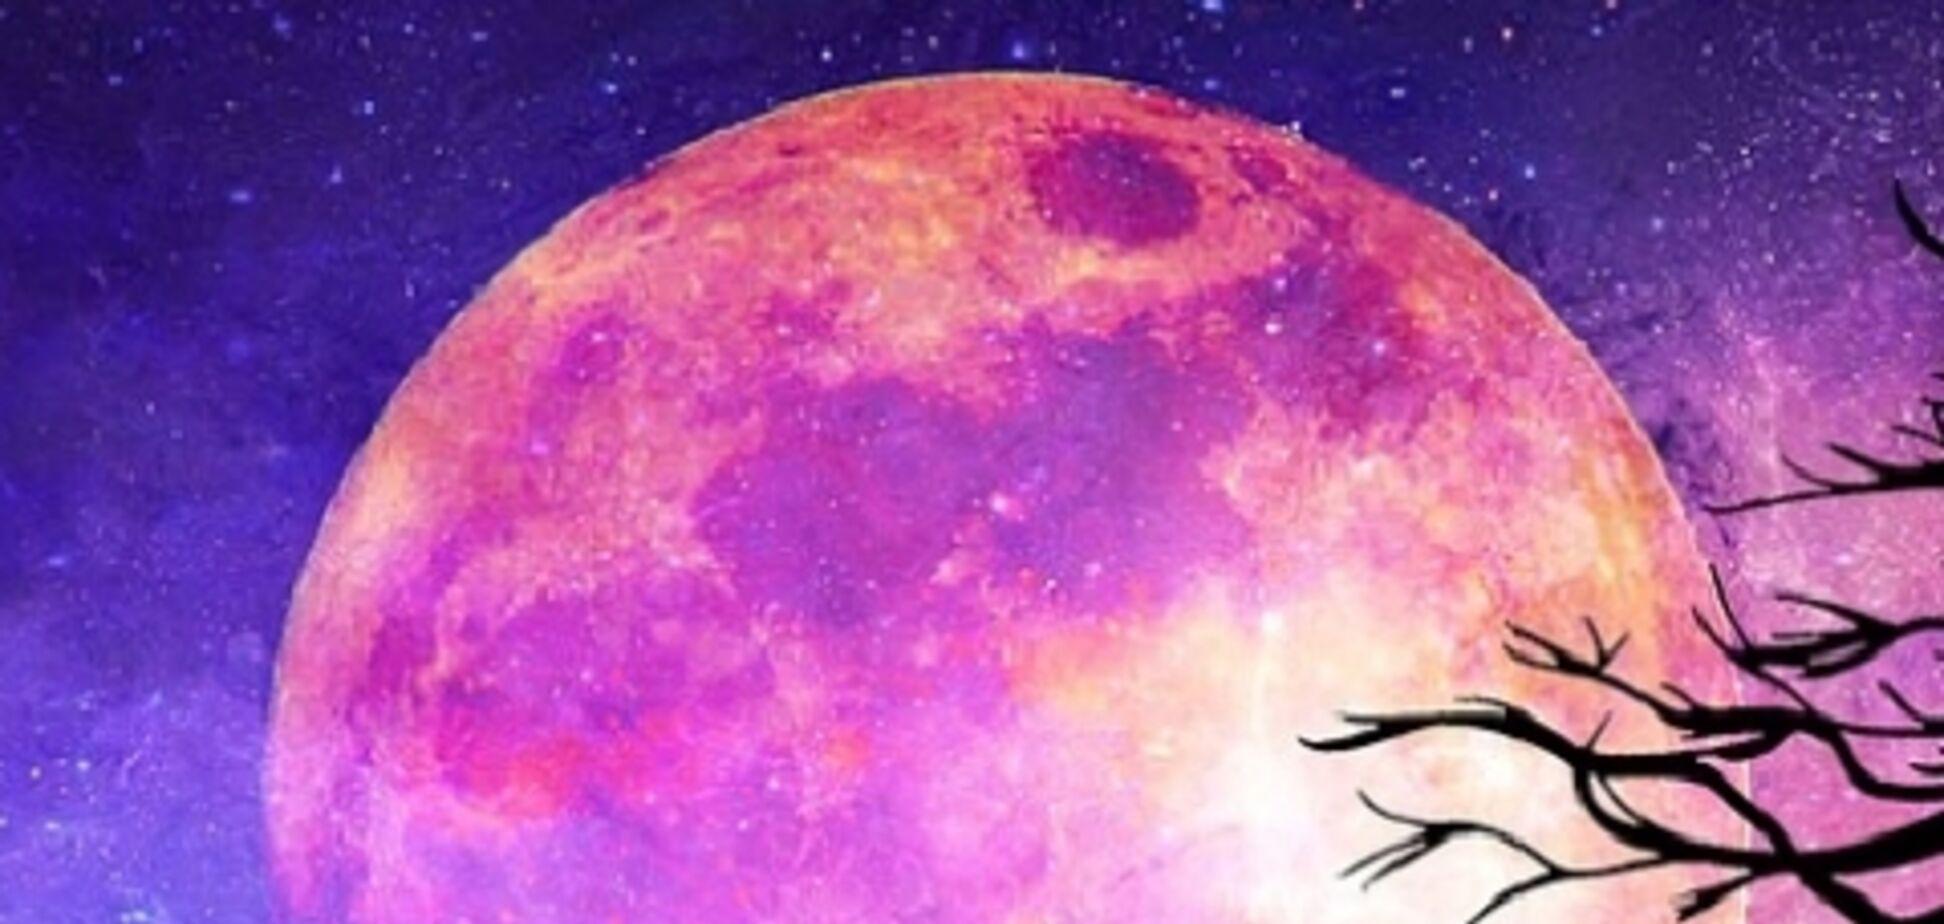 Рожевий місяць-2020: коли спостерігати найяскравішу суперповню року